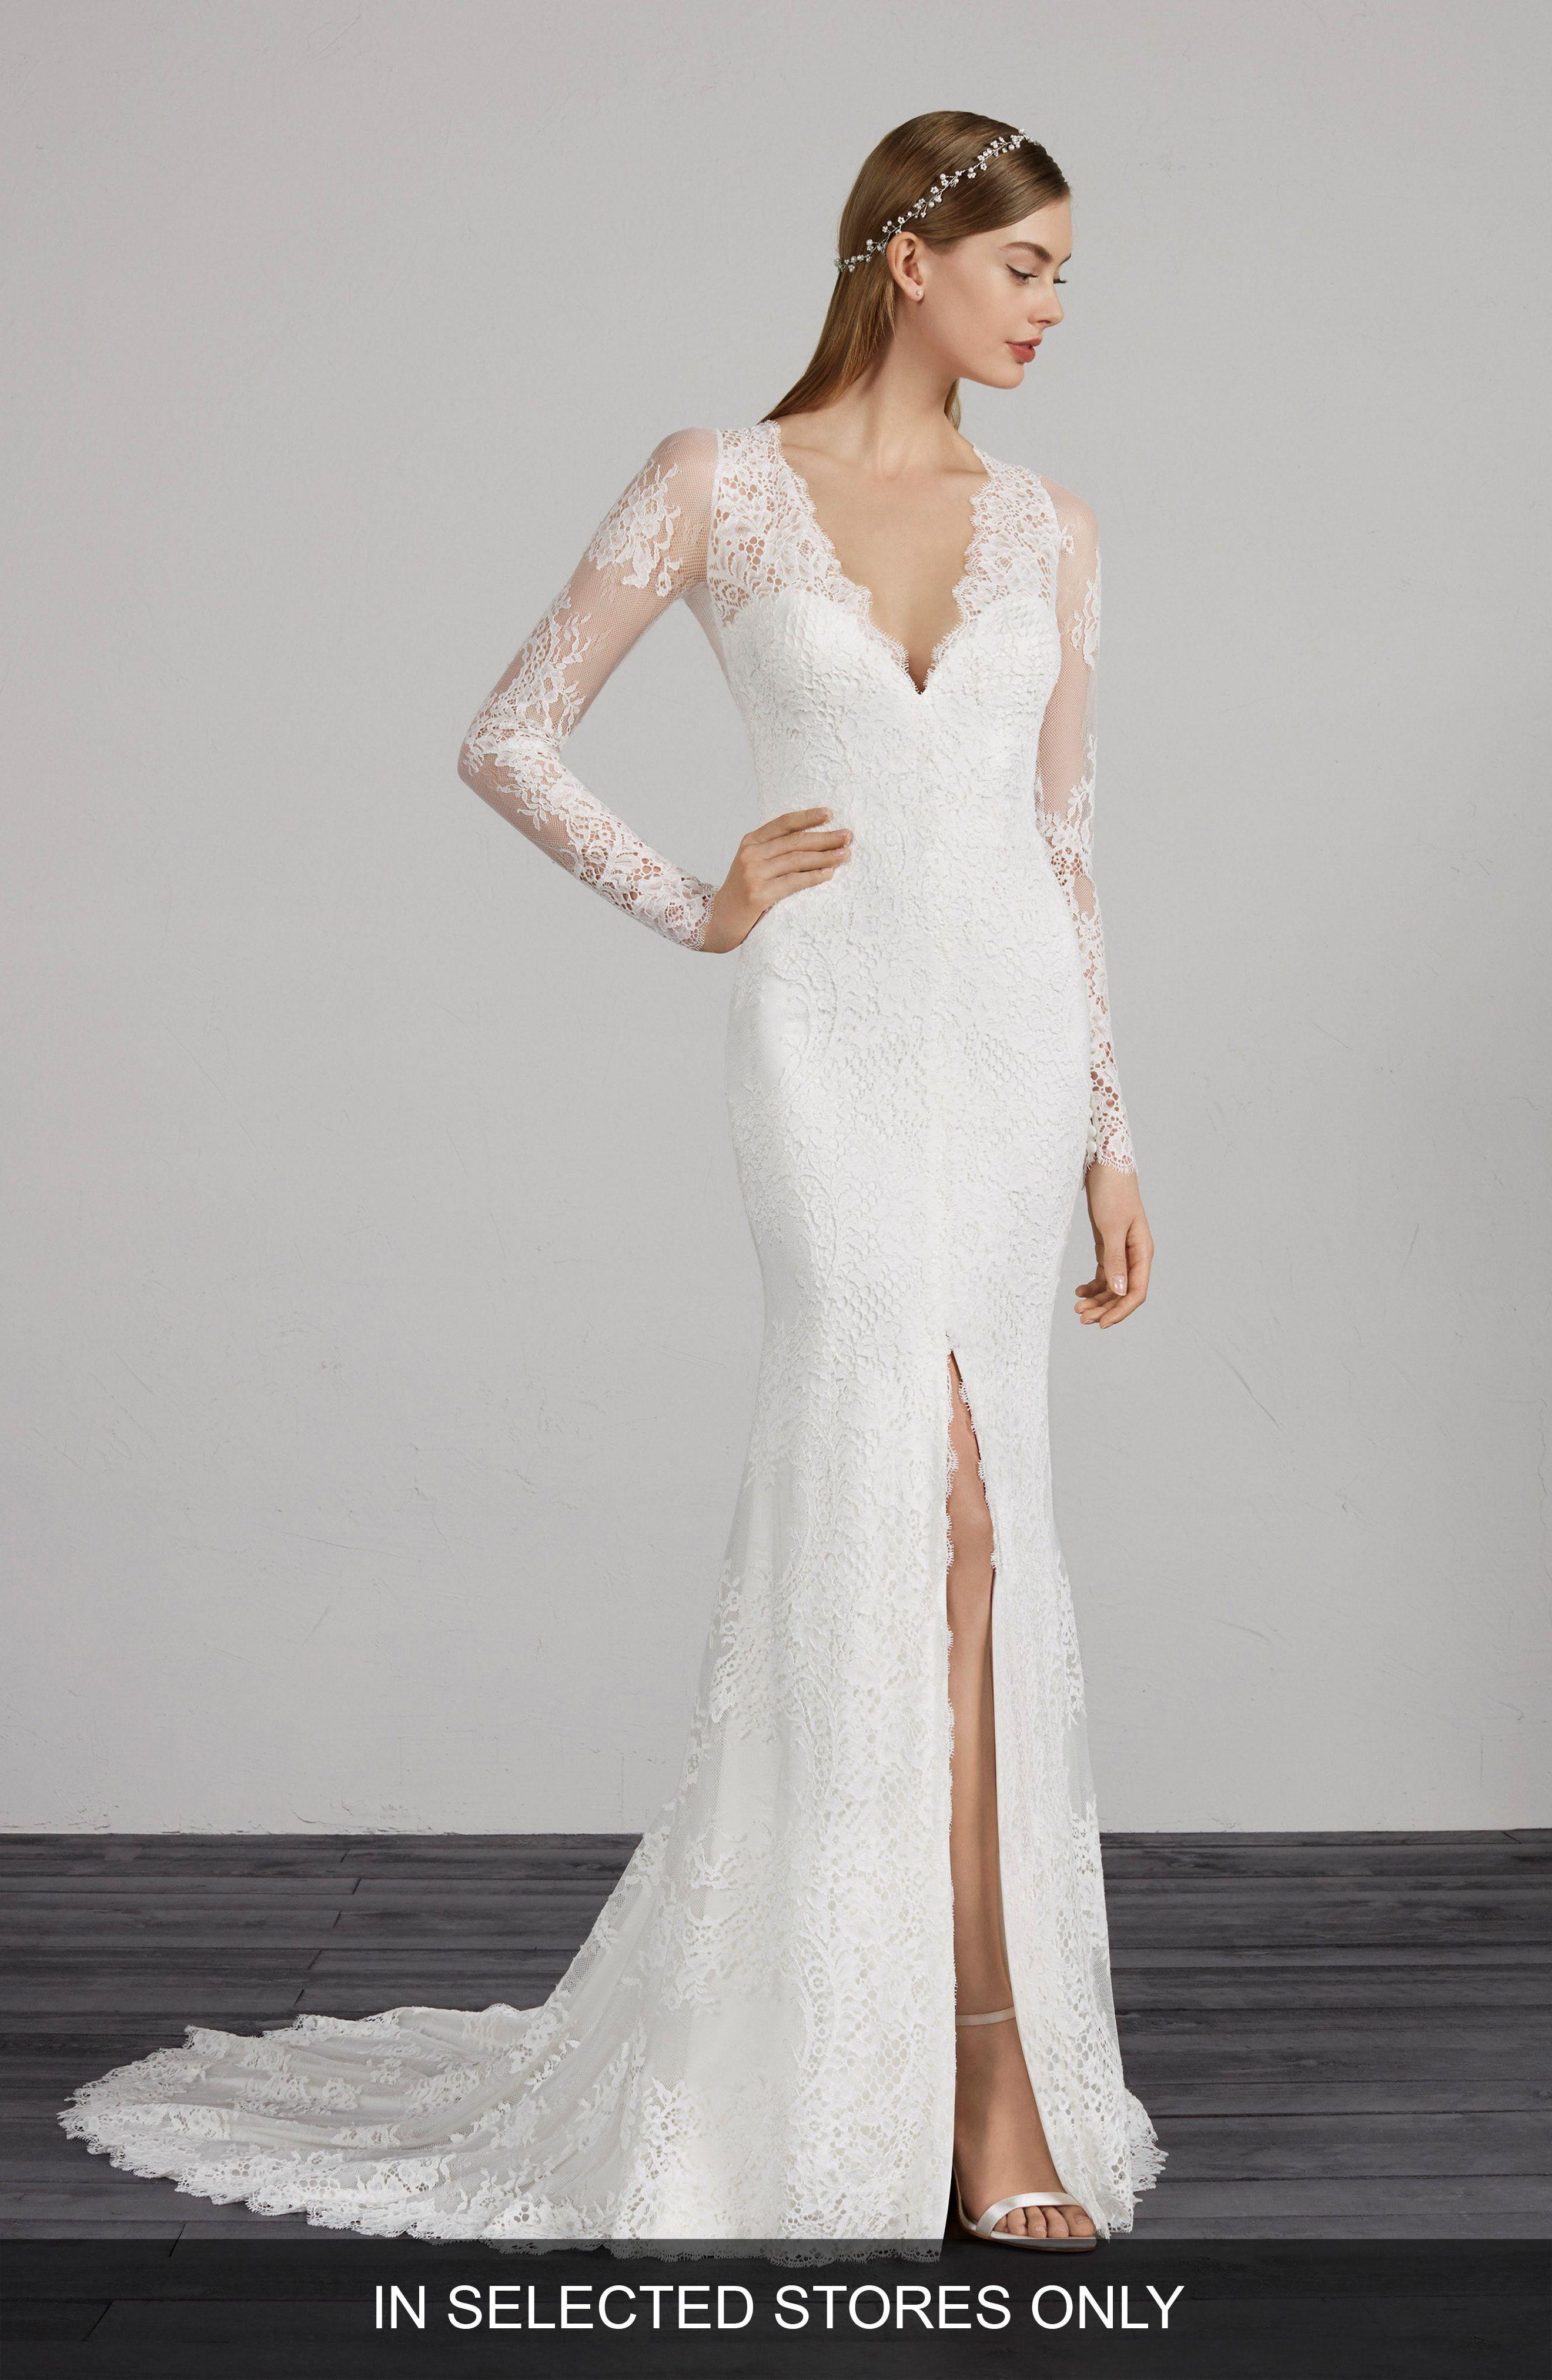 long sleeve wedding dresses nordstrom off 18   medpharmres.com